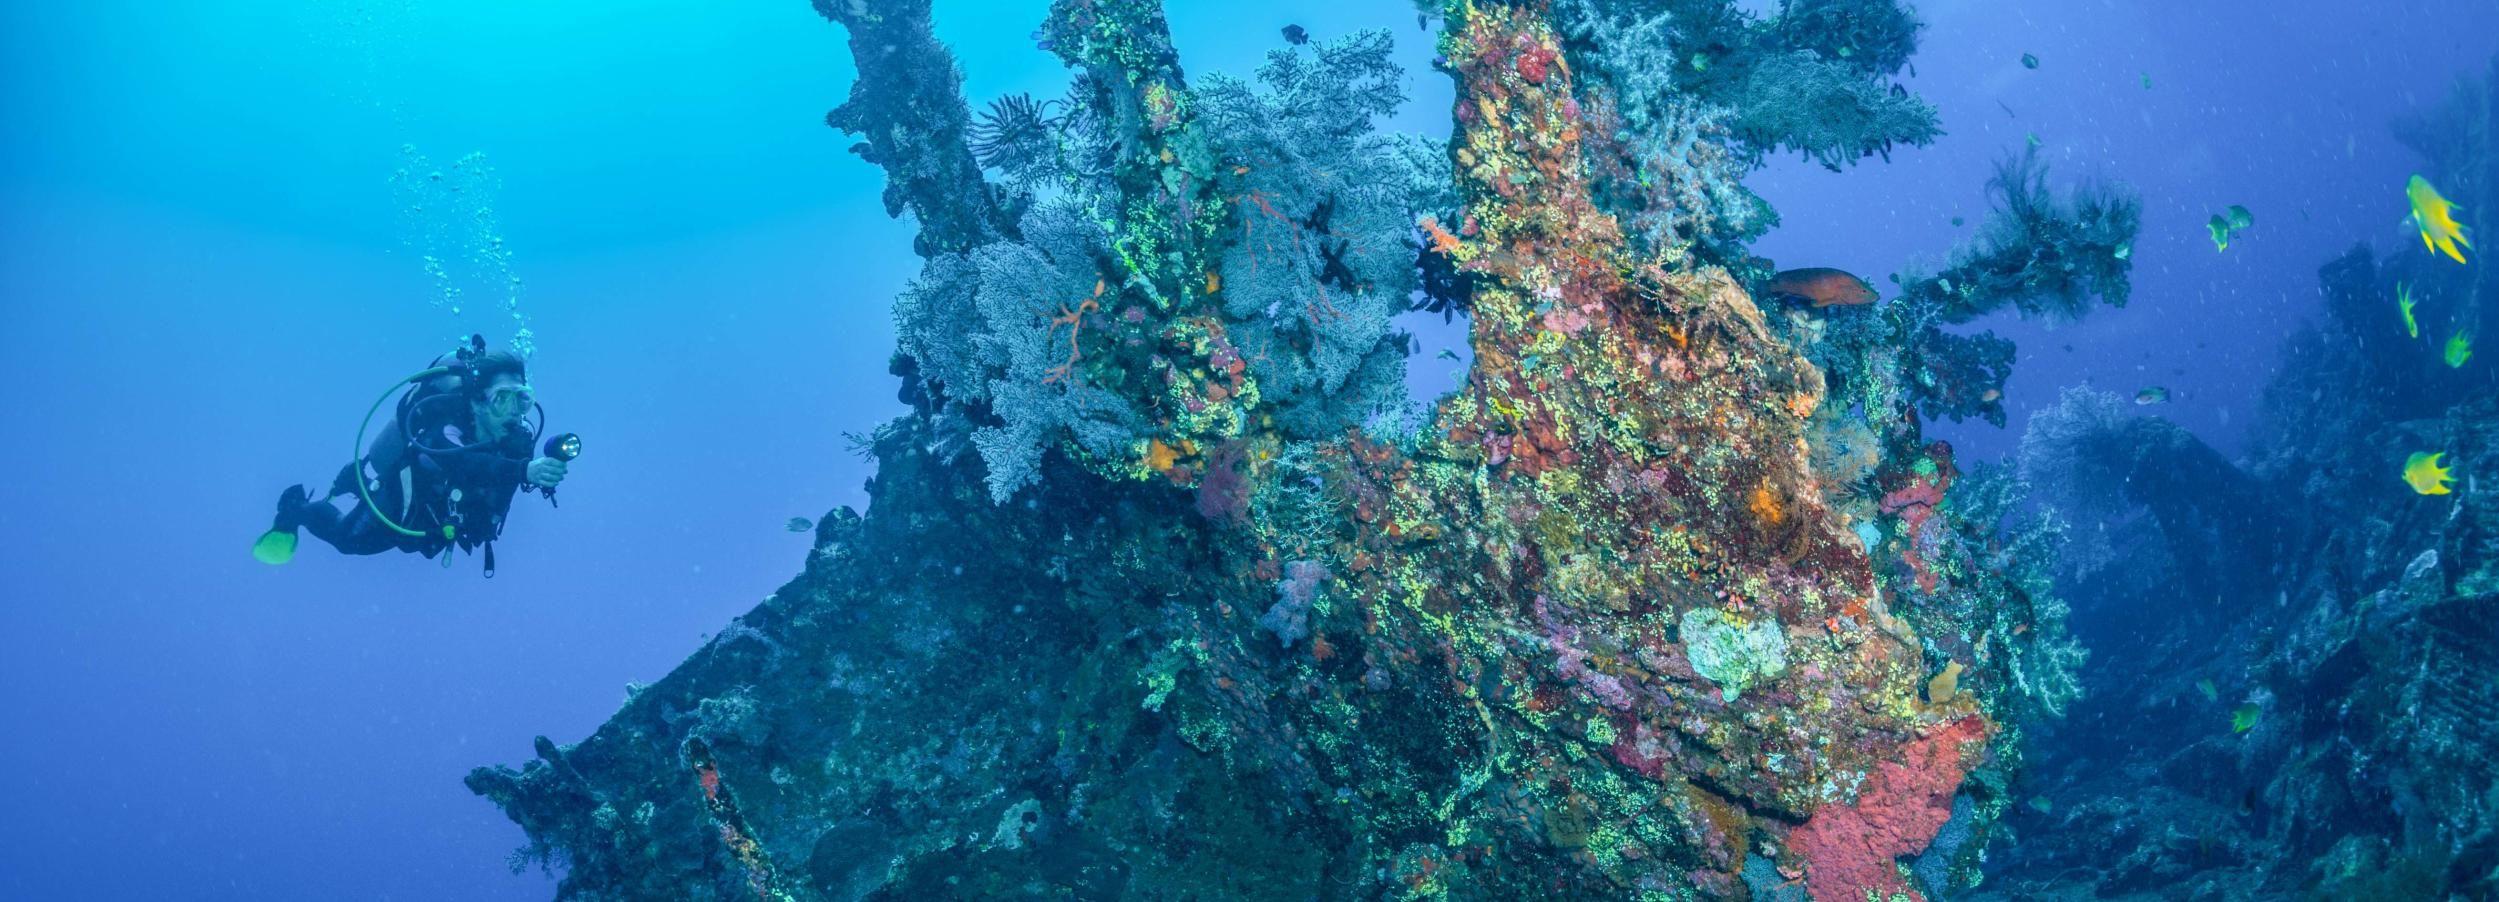 Bali: Tulamben Bay and the USAT Liberty Wreck Dive